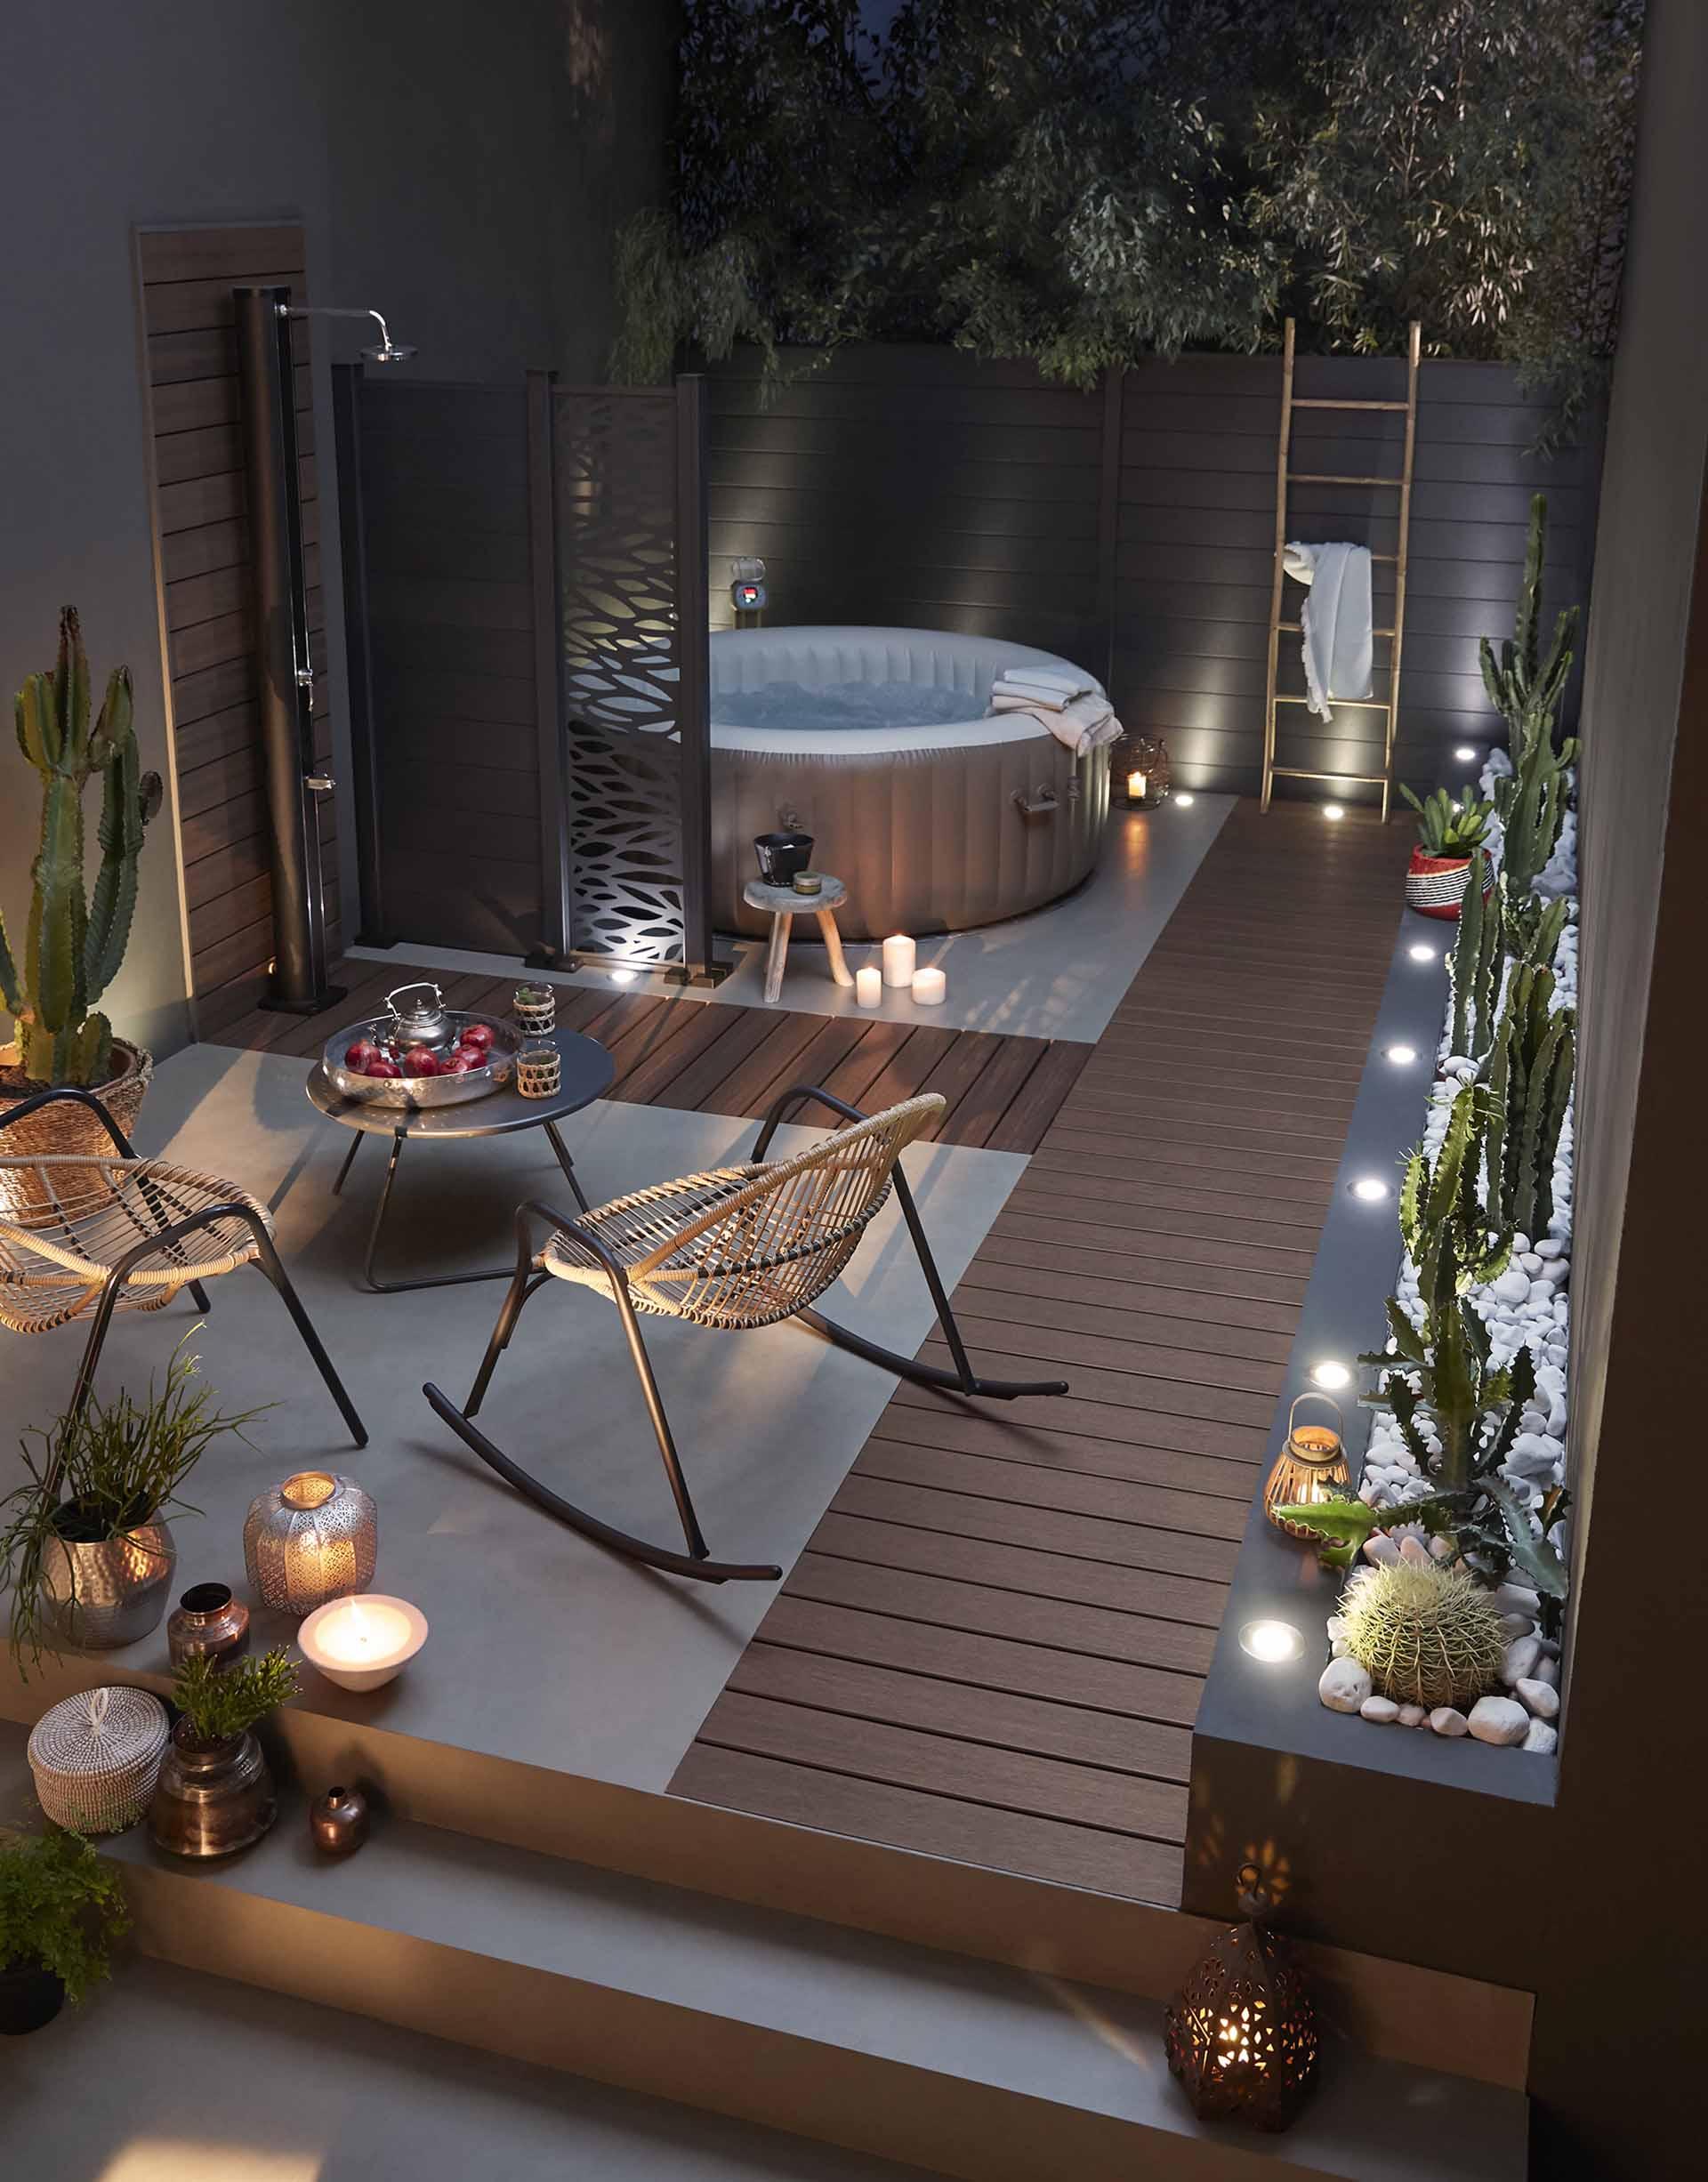 Comment Installer Un Jacuzzi Dans Son Jardin ? pour Piscine Gonflable Castorama